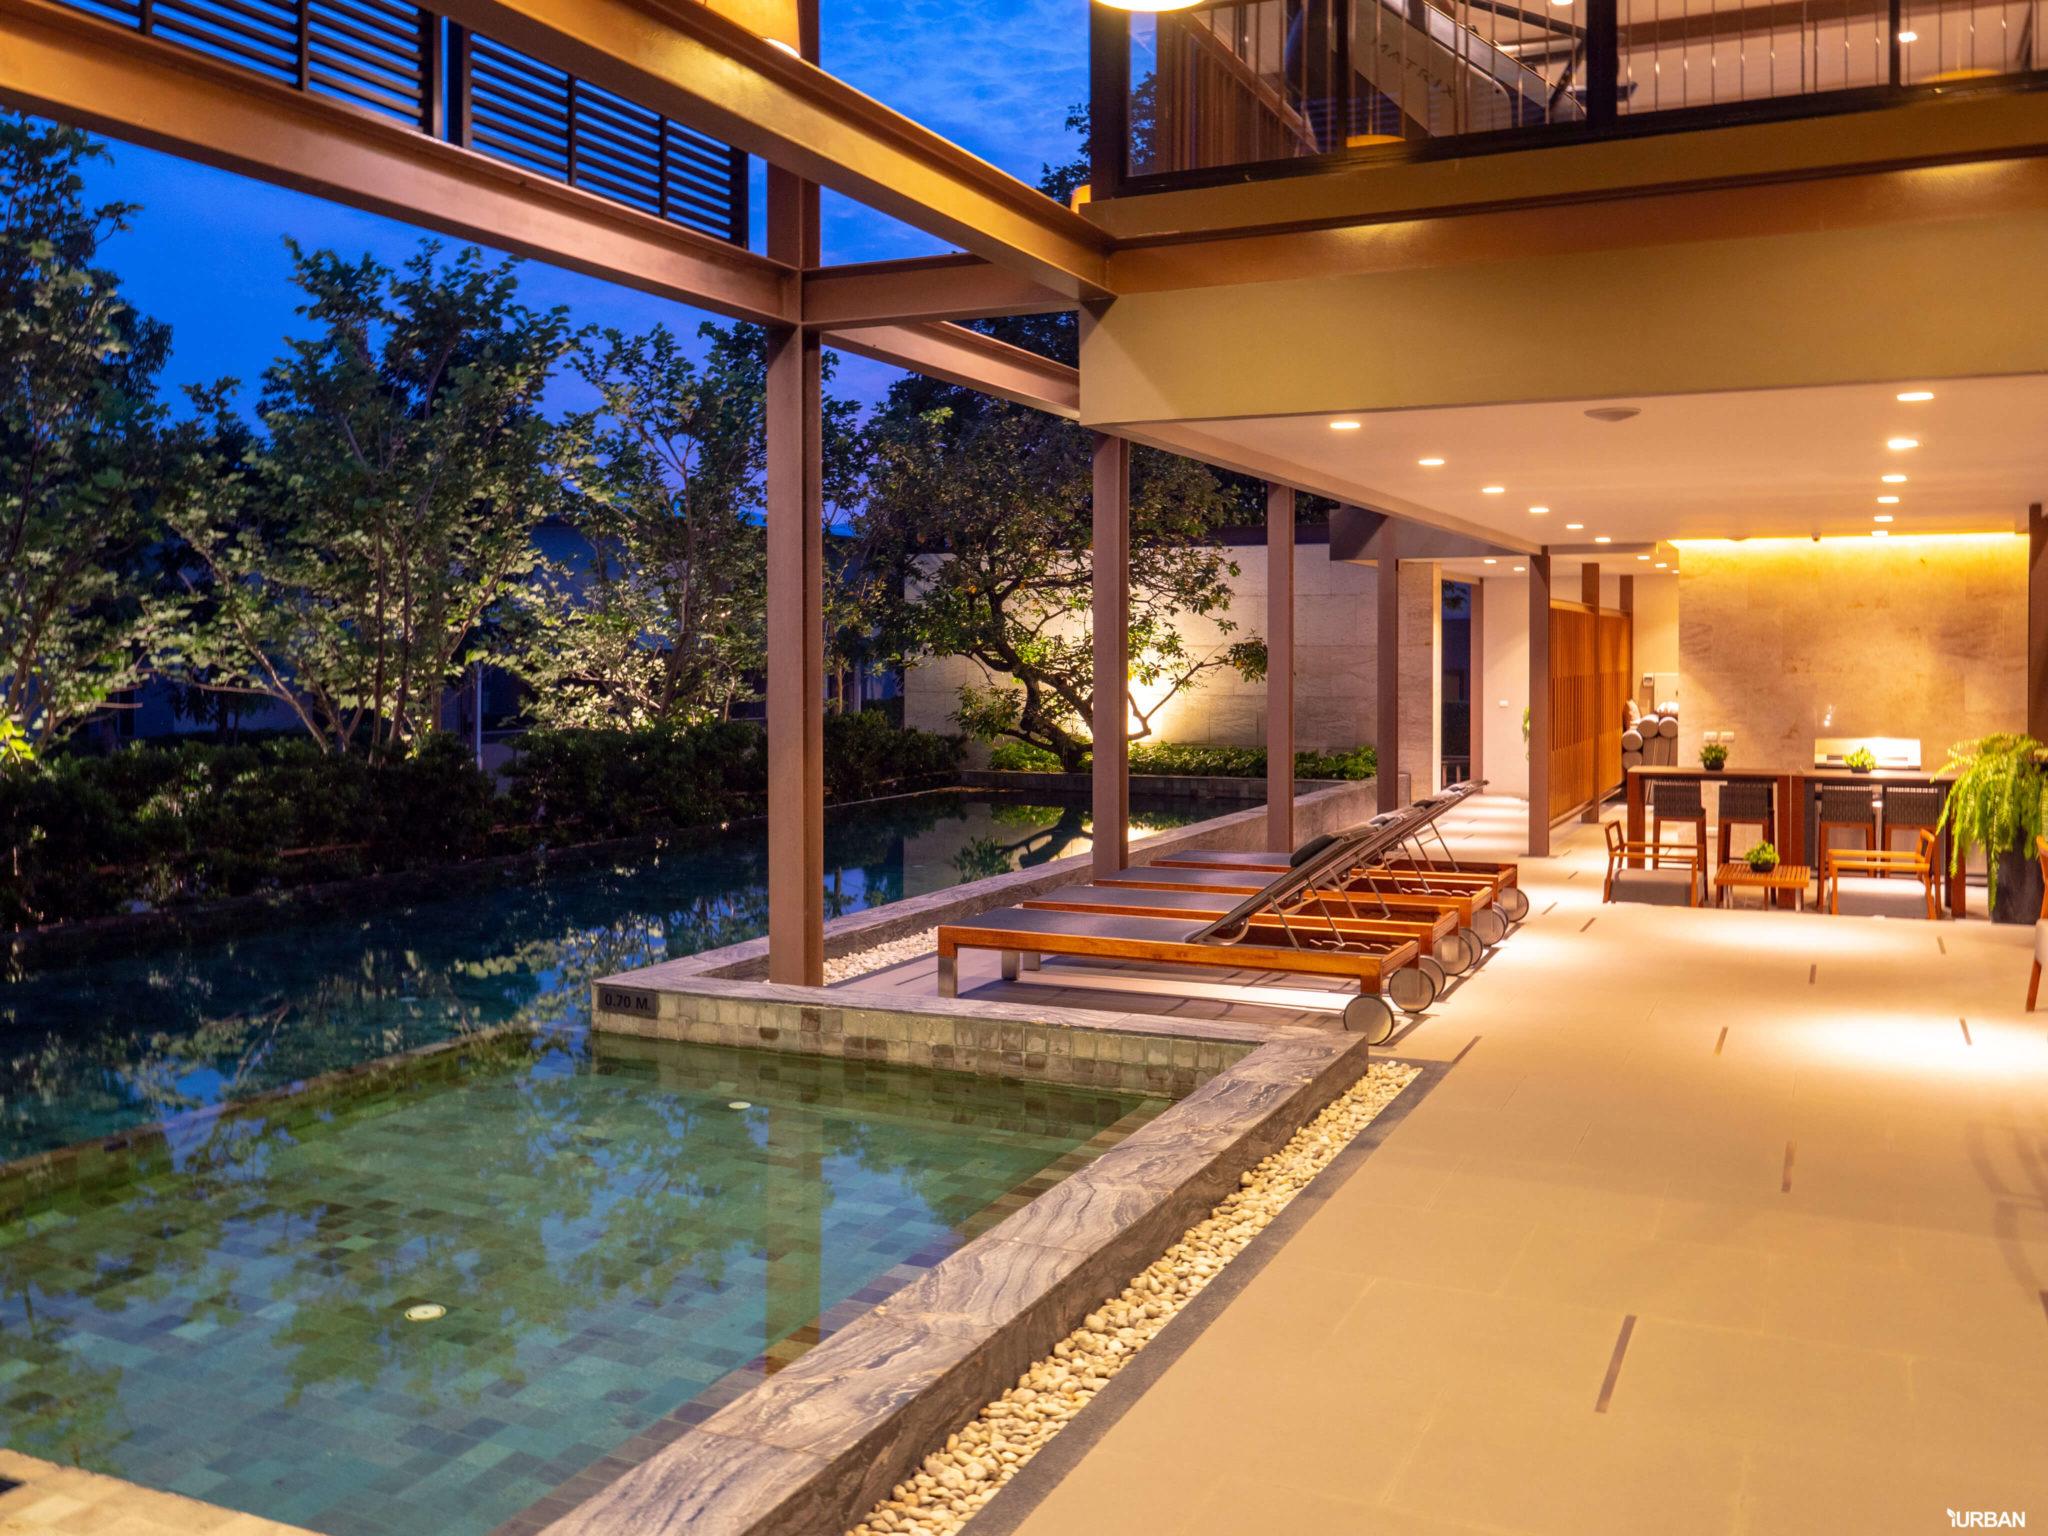 รีวิว บารานี พาร์ค ศรีนครินทร์-ร่มเกล้า บ้านสไตล์ Courtyard House ของไทยที่ได้รางวัลสถาปัตยกรรม 38 - Baranee Park